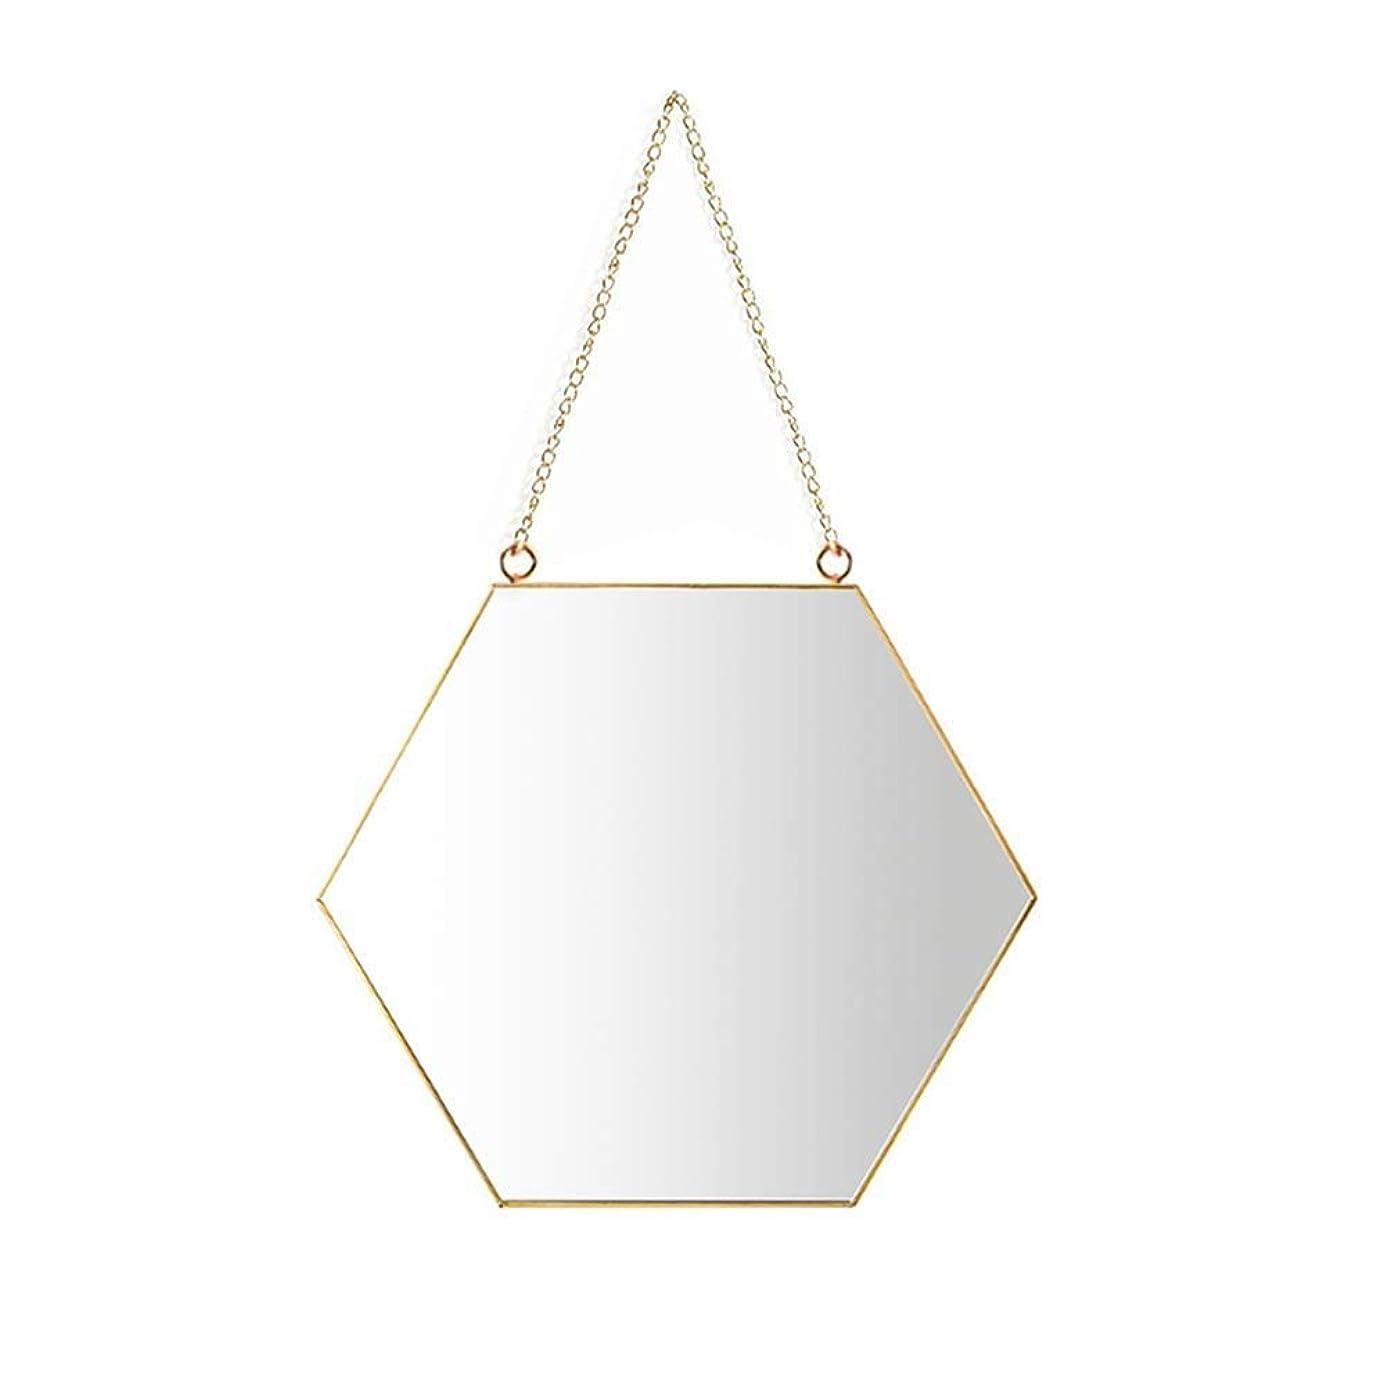 偽善者補正謝罪掛かるミラー、掛かる鎖が付いている六角形の浴室の構造ミラーの真鍮の終わり[小さいサイズ] (サイズ : 30*0.5*26cm)